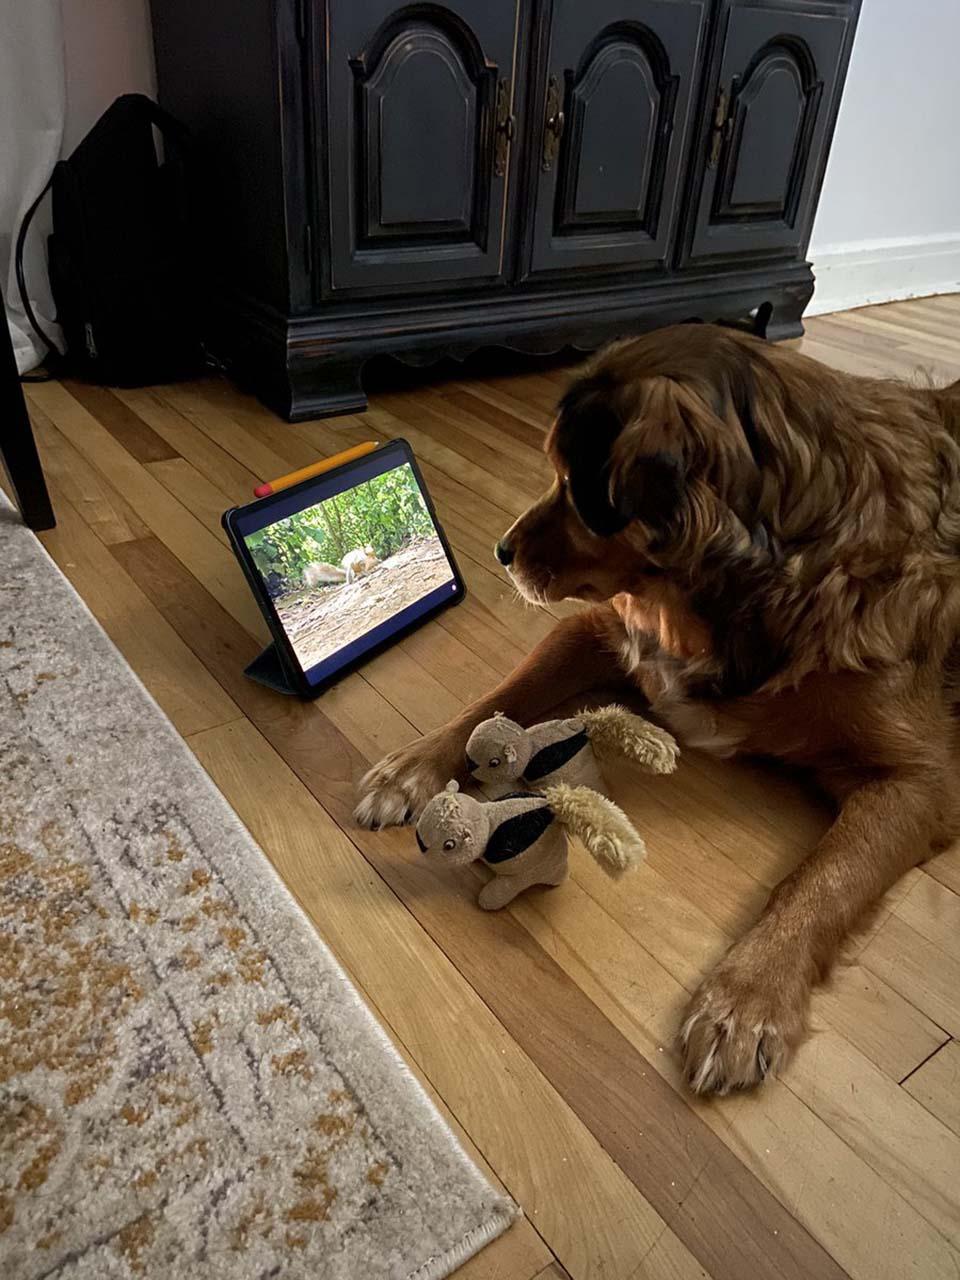 Perro se sorprende cuado ve ardillas dentro de su televisor